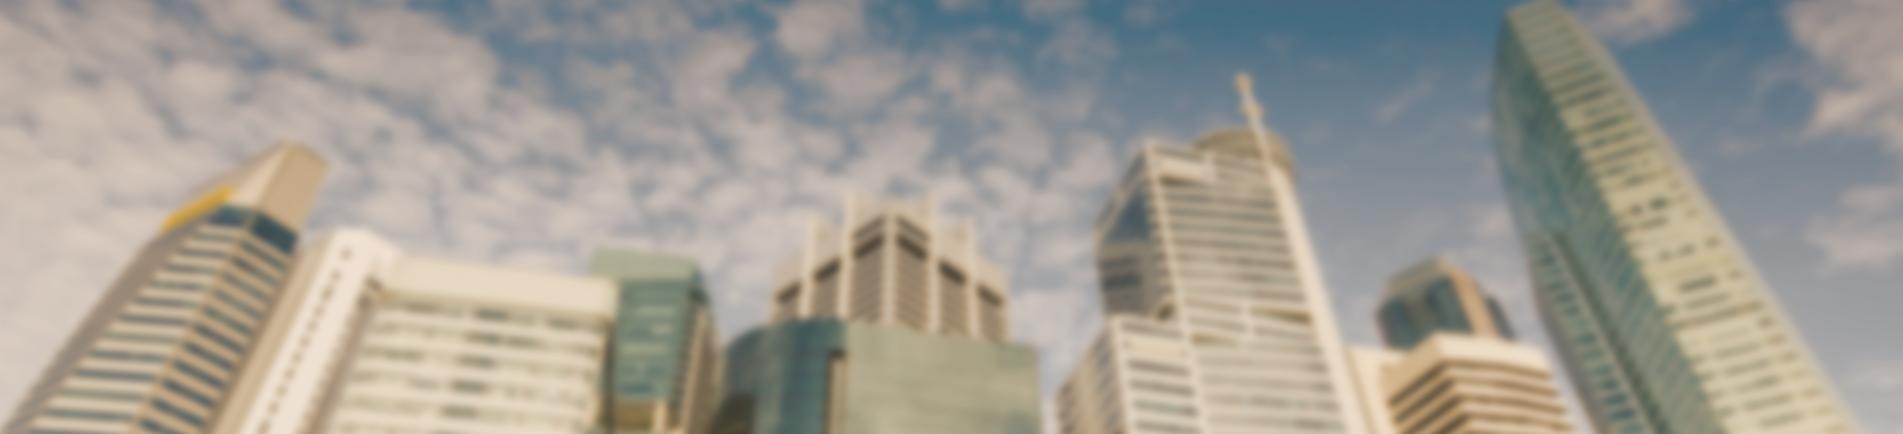 buildings-header